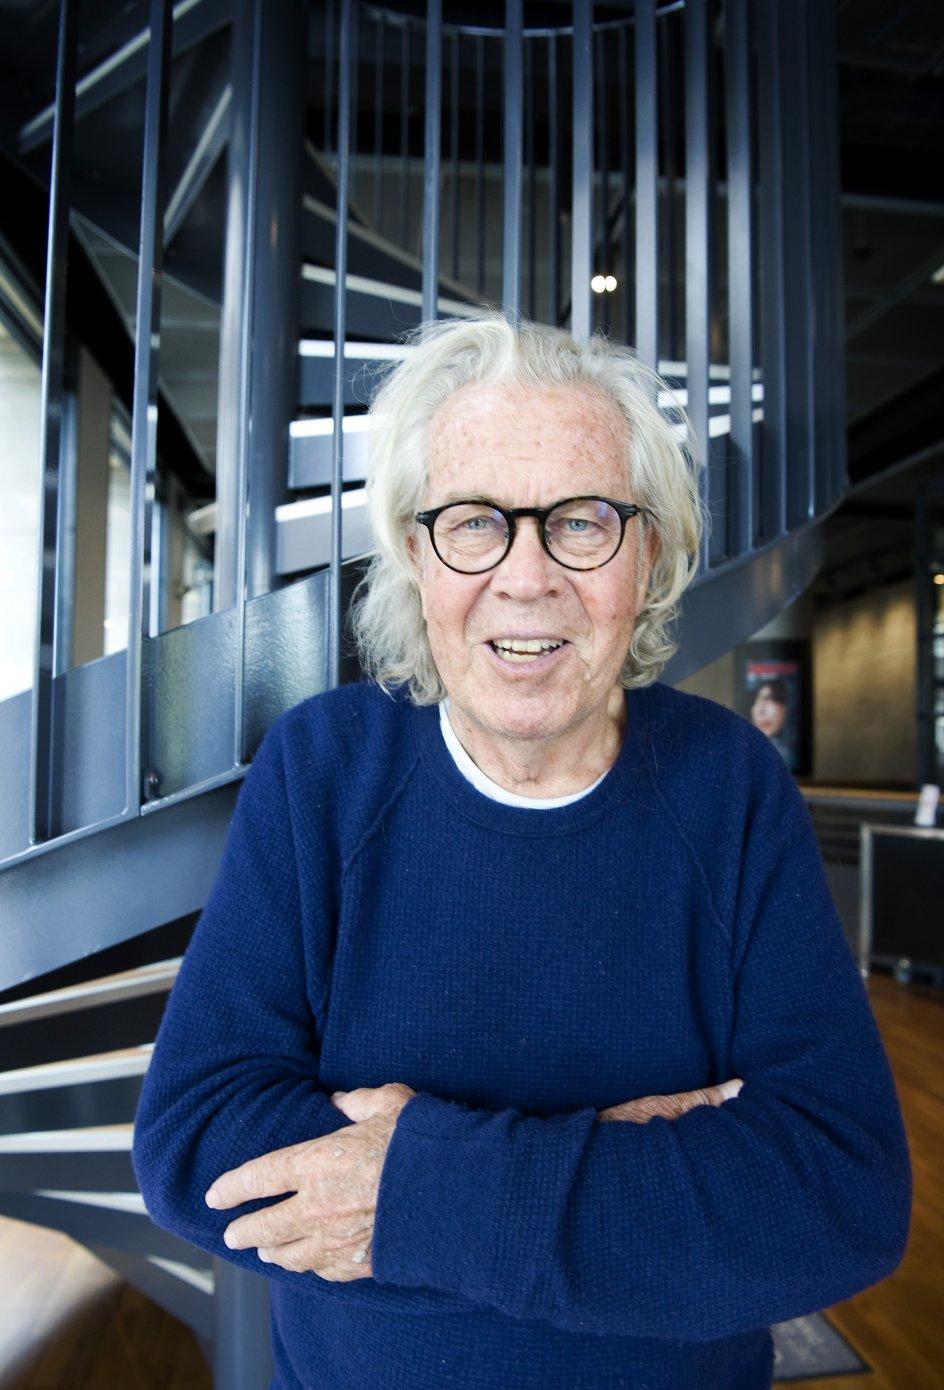 Jørgen Leth, filminstruktør, forfatter,kommentator og meget mere. Fotograferet på DFI Cinemateket i forbindelse med udgivelsen af hans digtsamling.